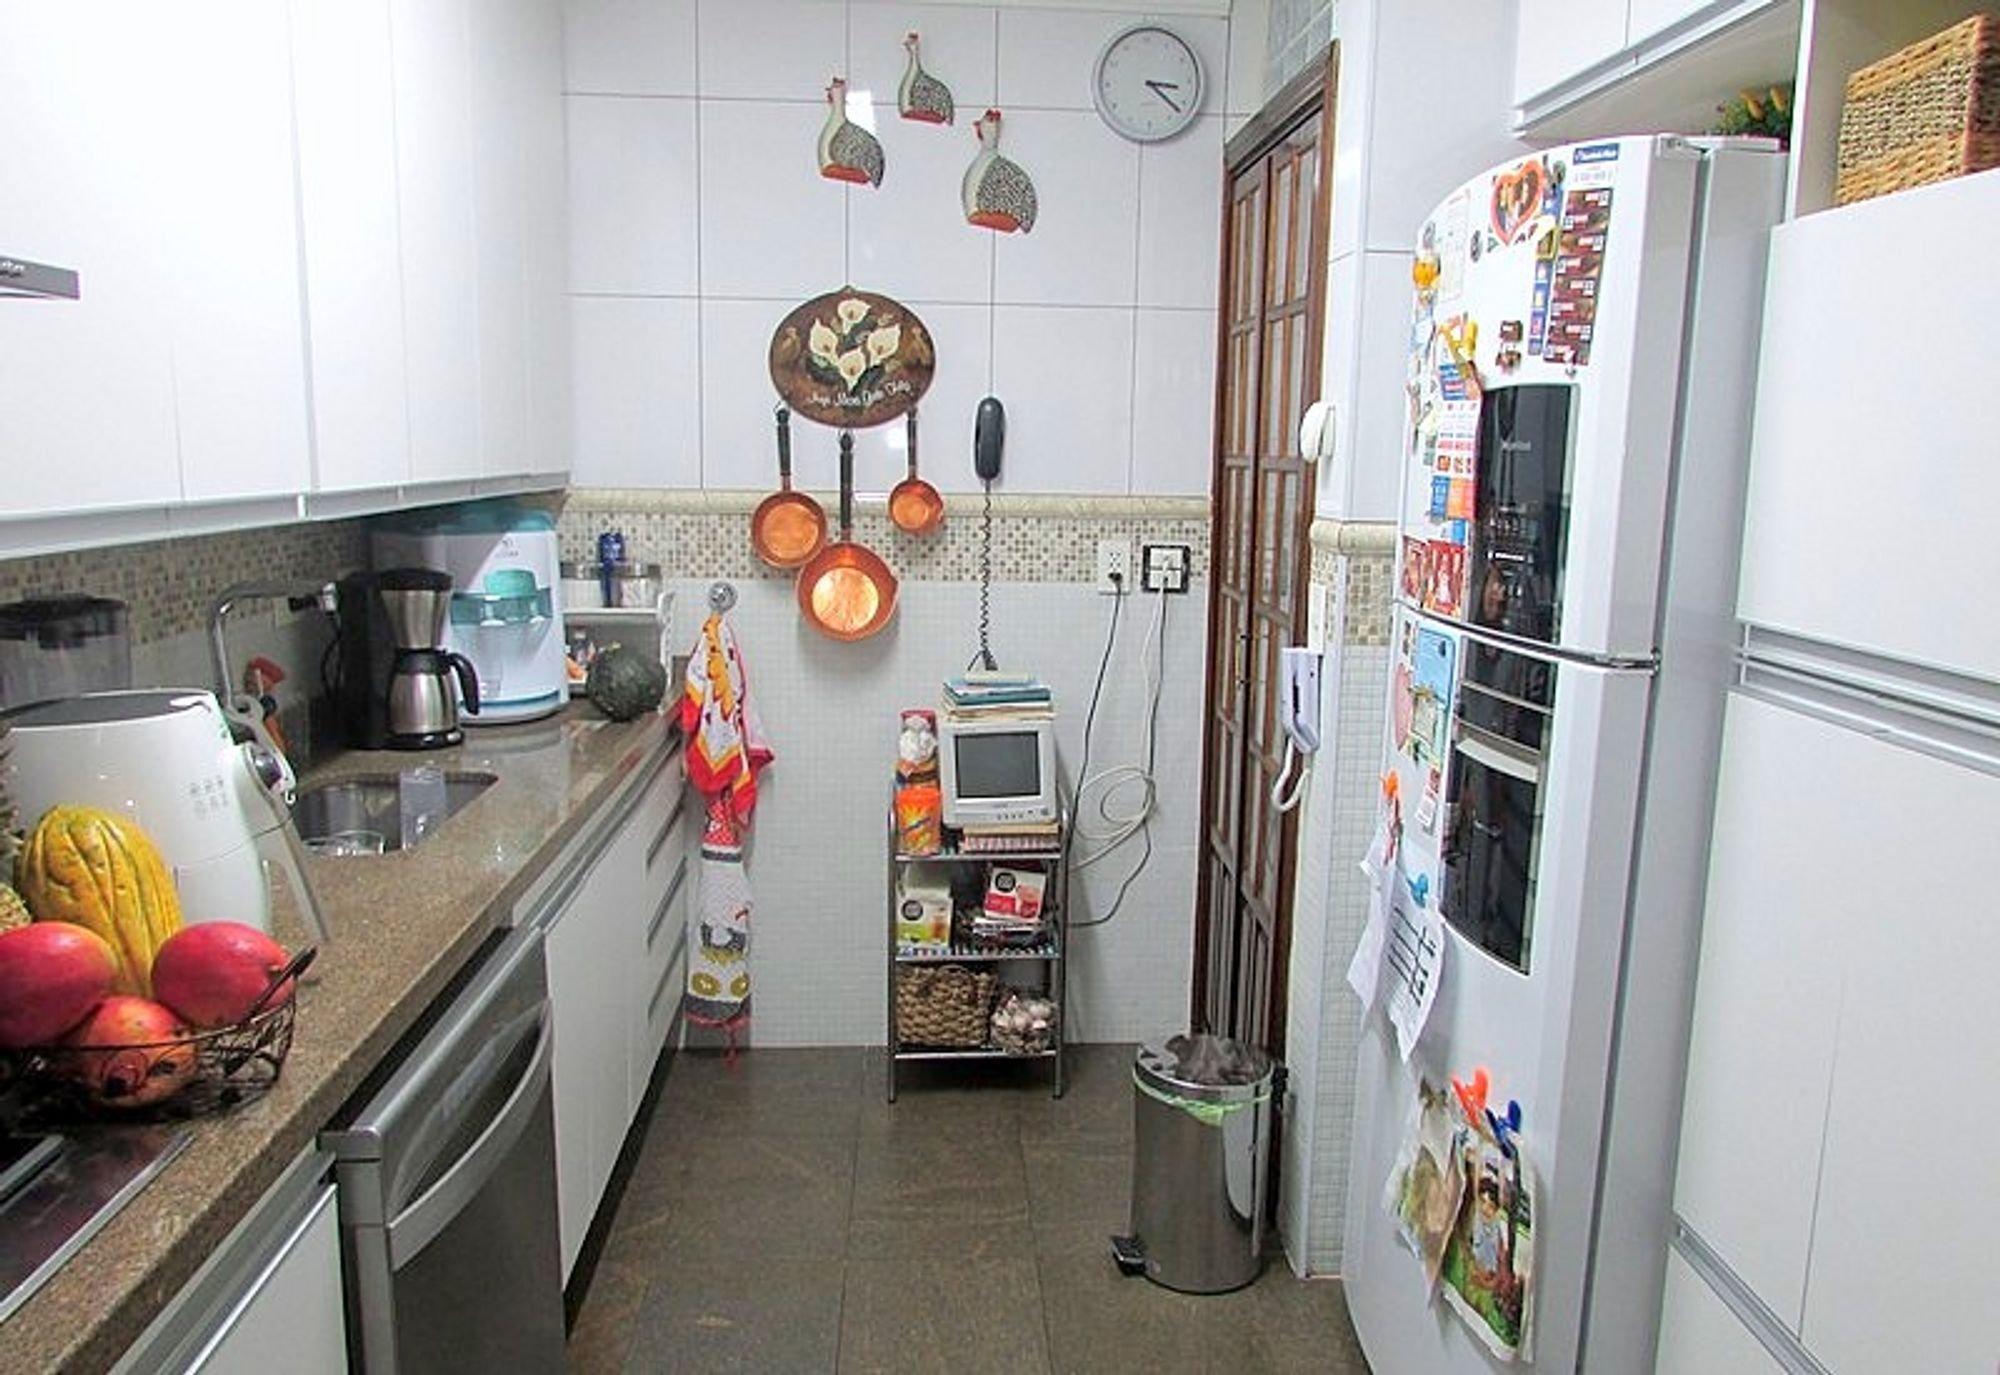 Foto de Cozinha com geladeira, pia, relógio